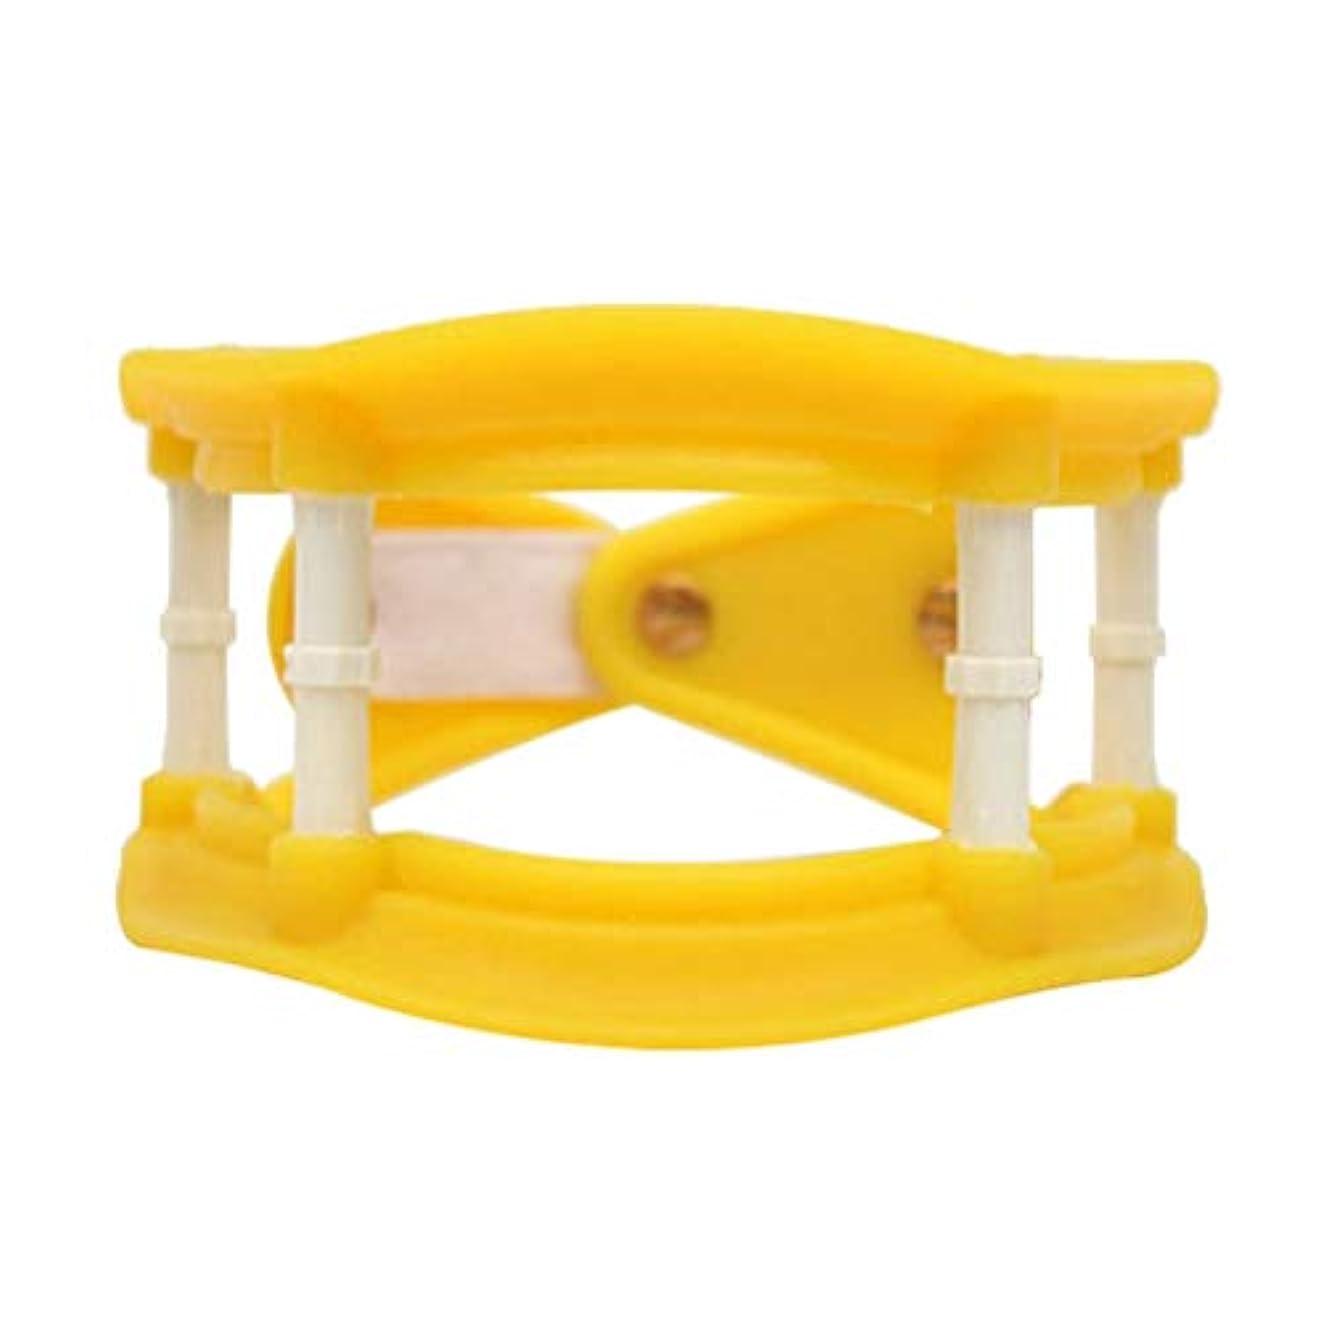 増幅平凡贈り物Healifty 首の牽引通気性の首サポートブレース調整可能な首のつばの首の痛みを軽減します傷害回復(黄色)